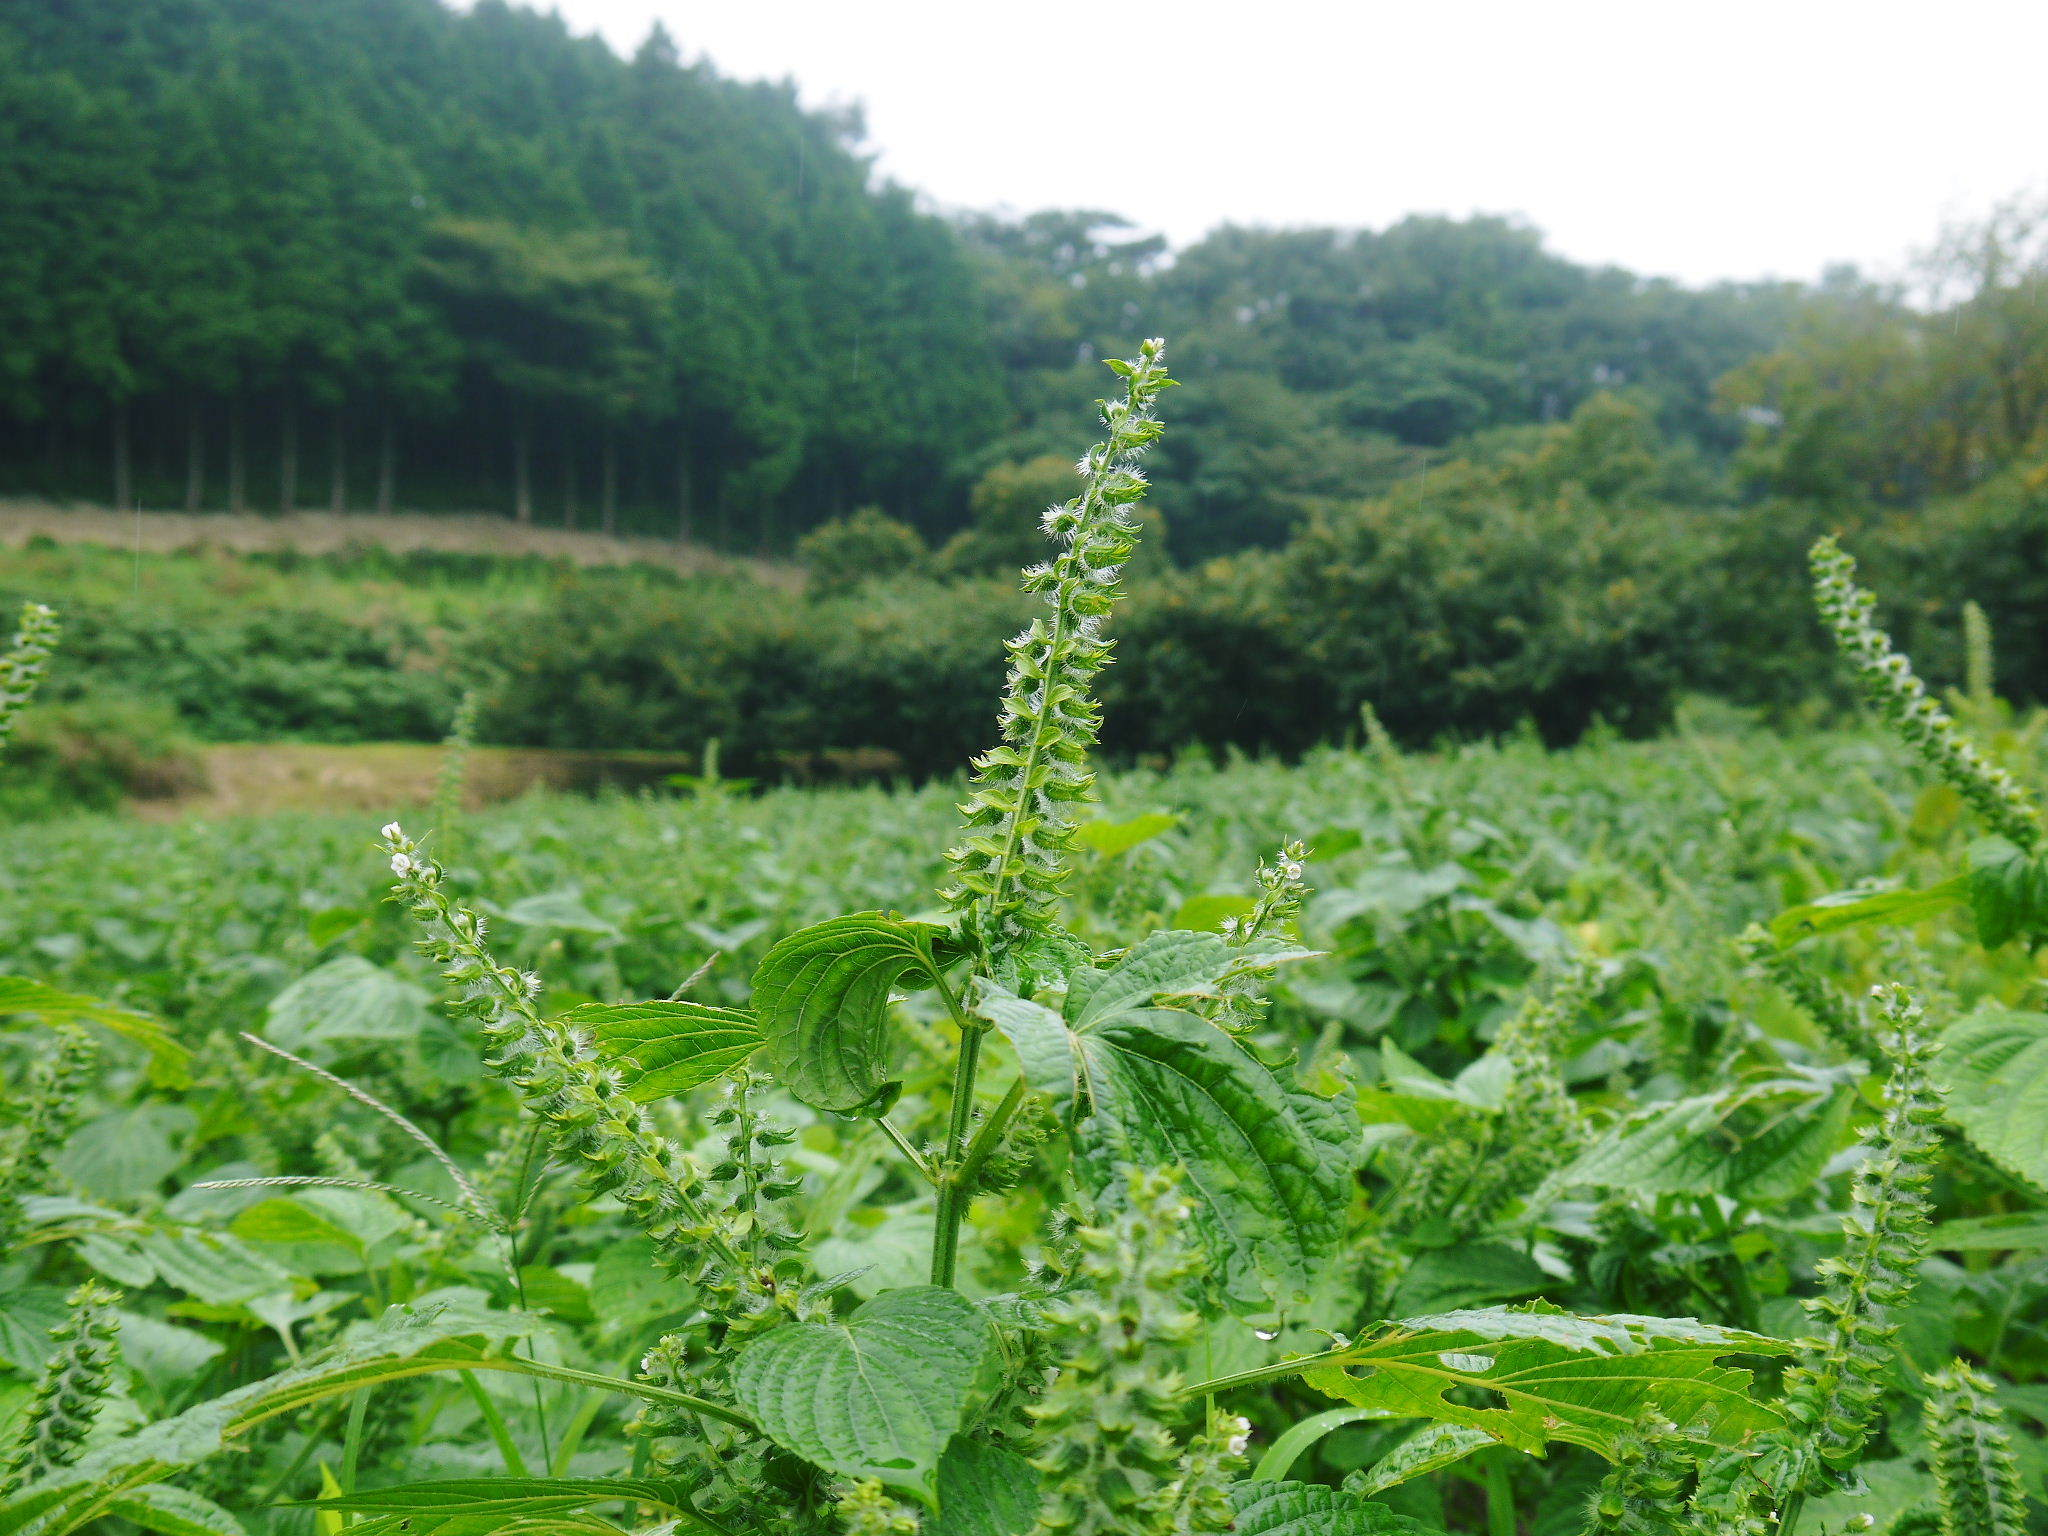 令和3年の「白エゴマ」の収穫スタート(前編) 無農薬で育てた菊池水源産『えごま油』は数量限定評販売中!_a0254656_18420530.jpg